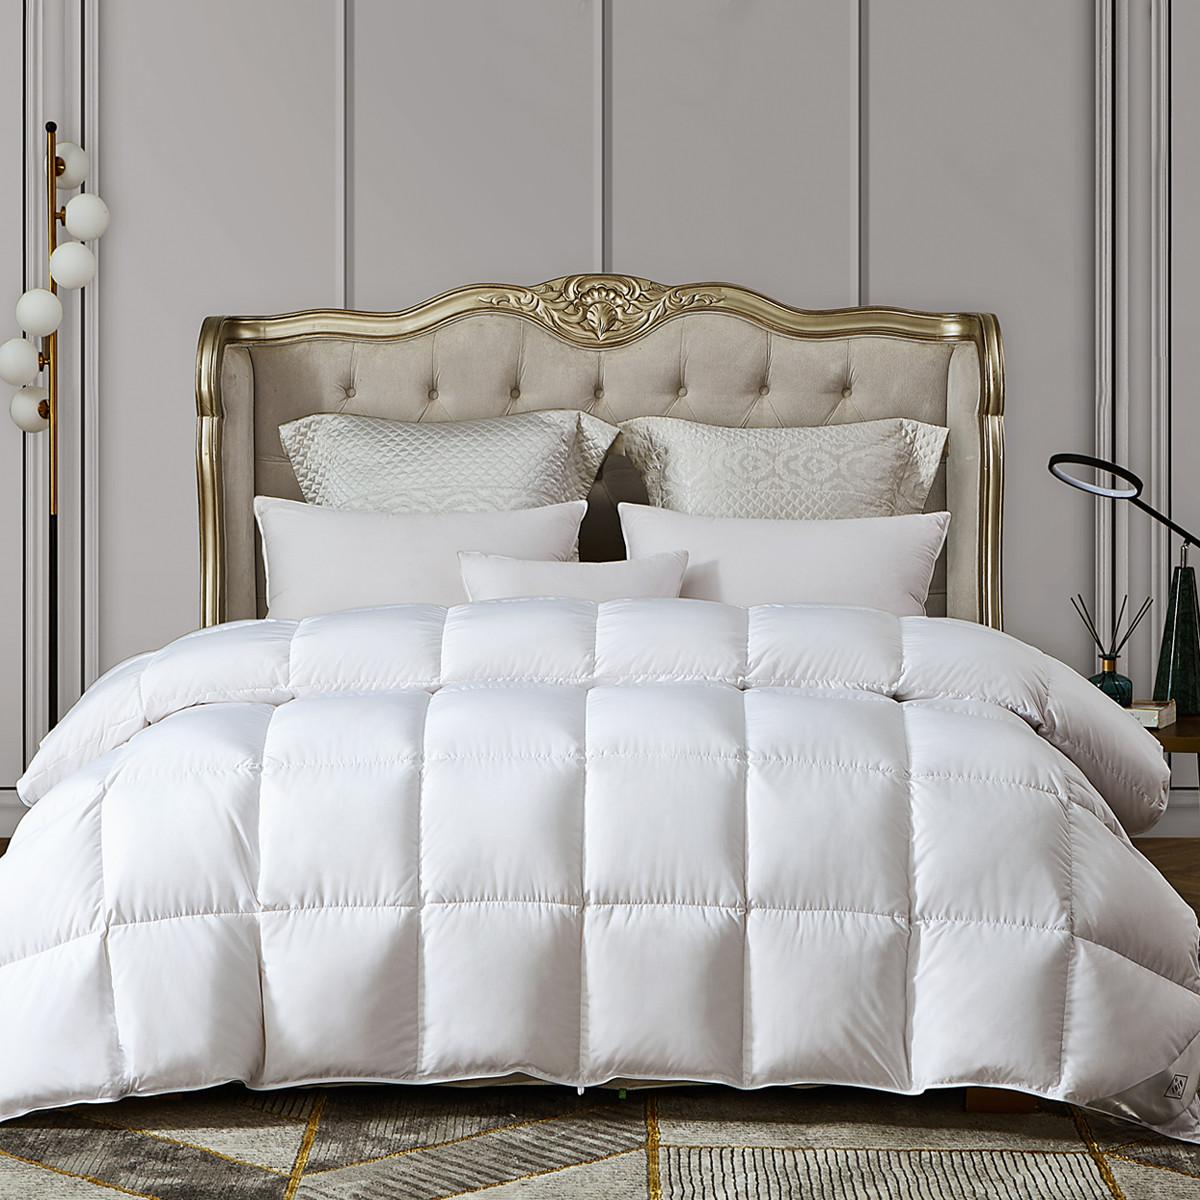 康尔馨世茂希尔顿酒店同款全棉静音面料90%羽绒被贴身保暖被子6925601538100